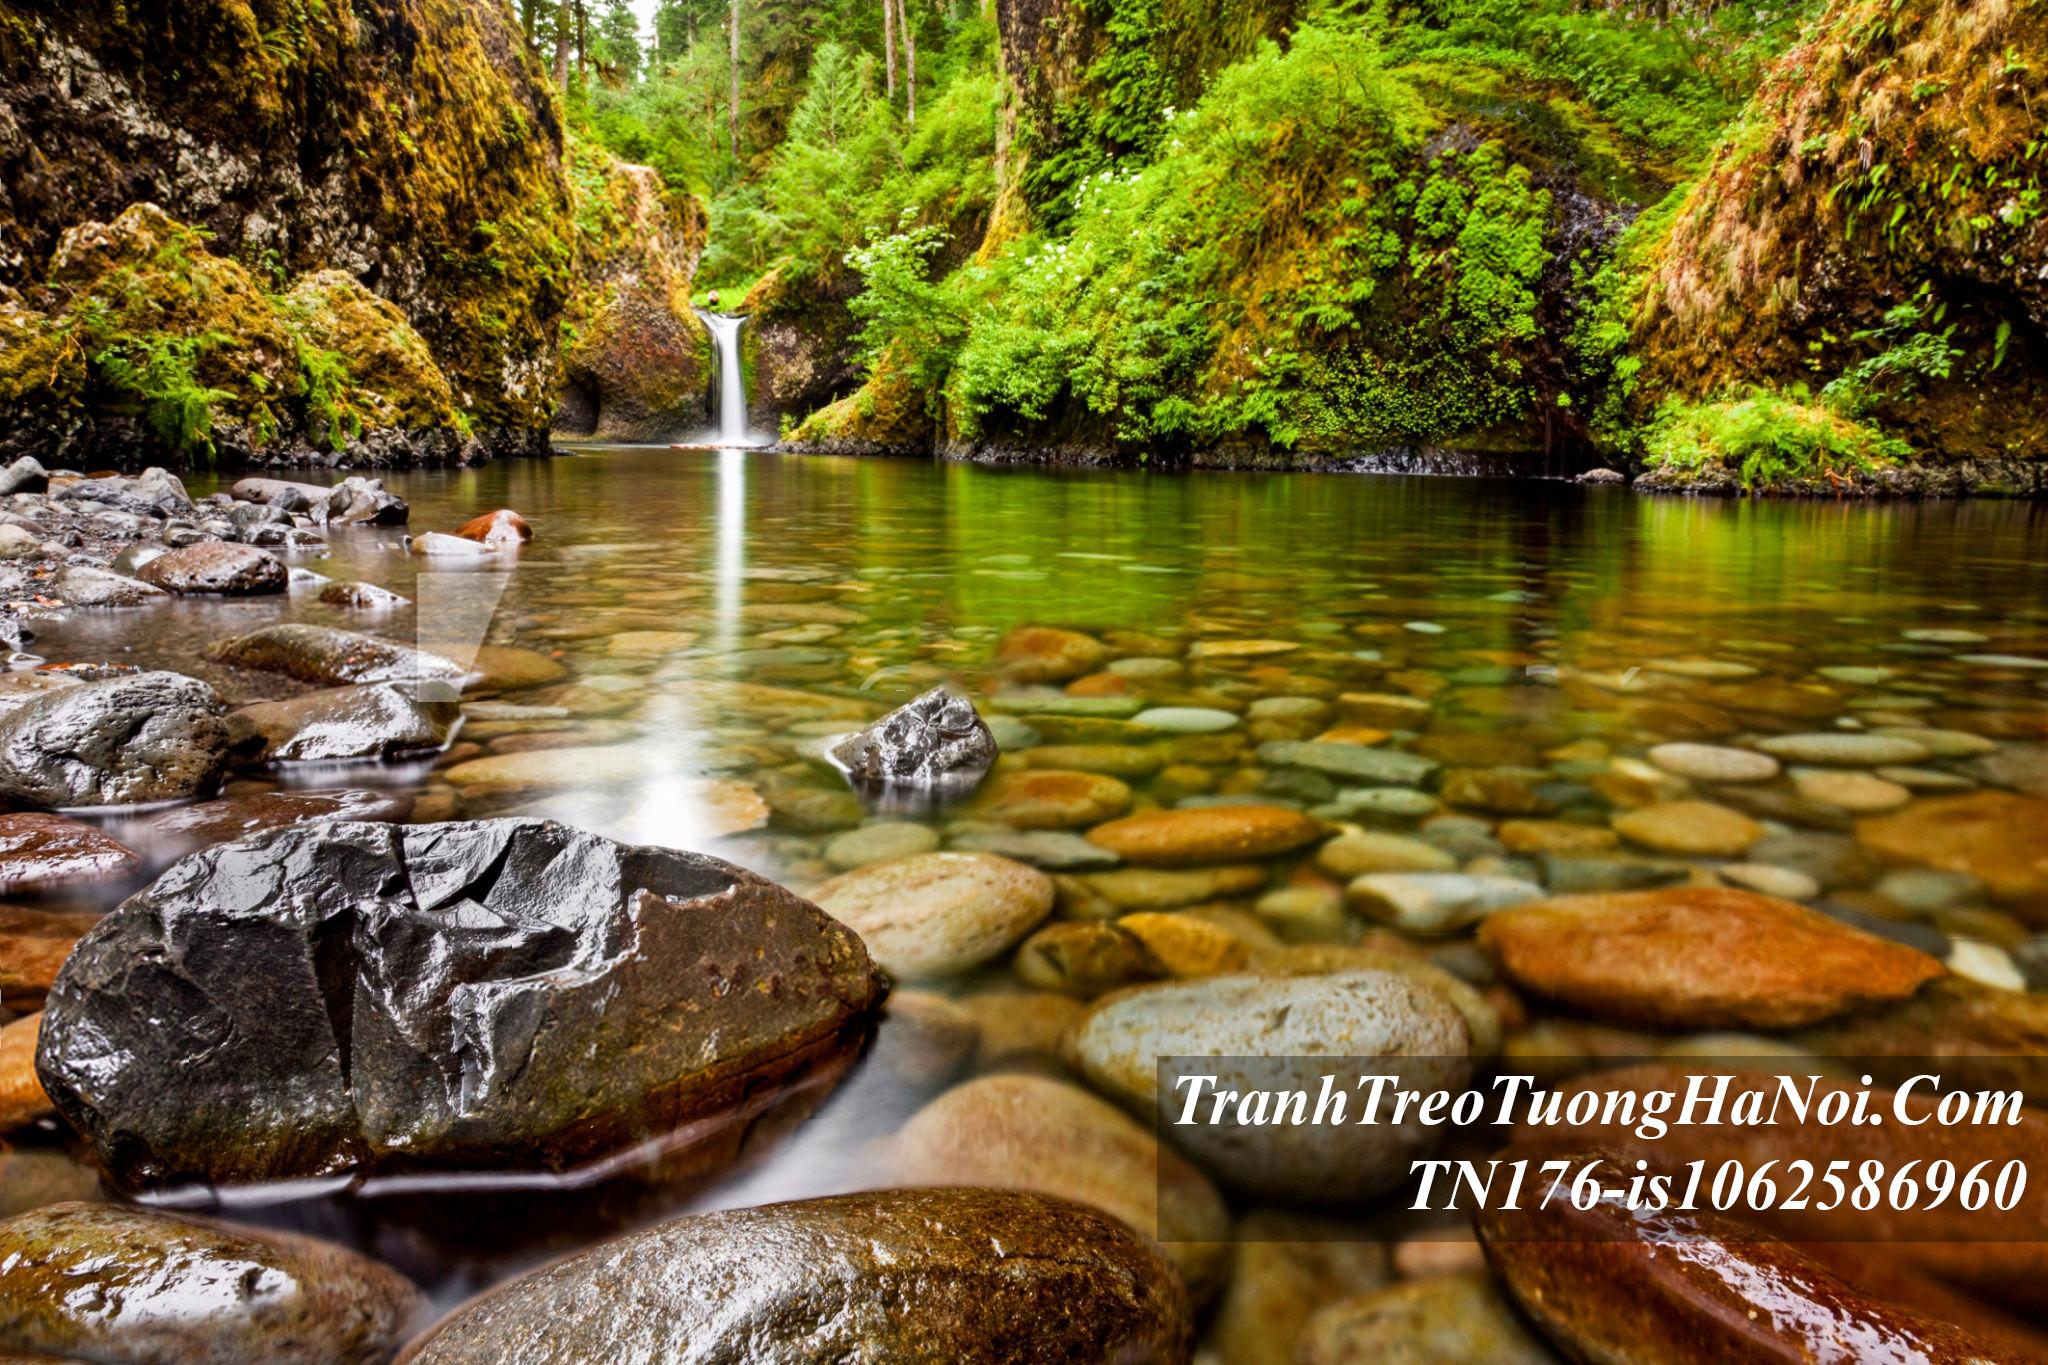 Tranh nuoc chay da suoi trong vat amia TN176-is1062586960